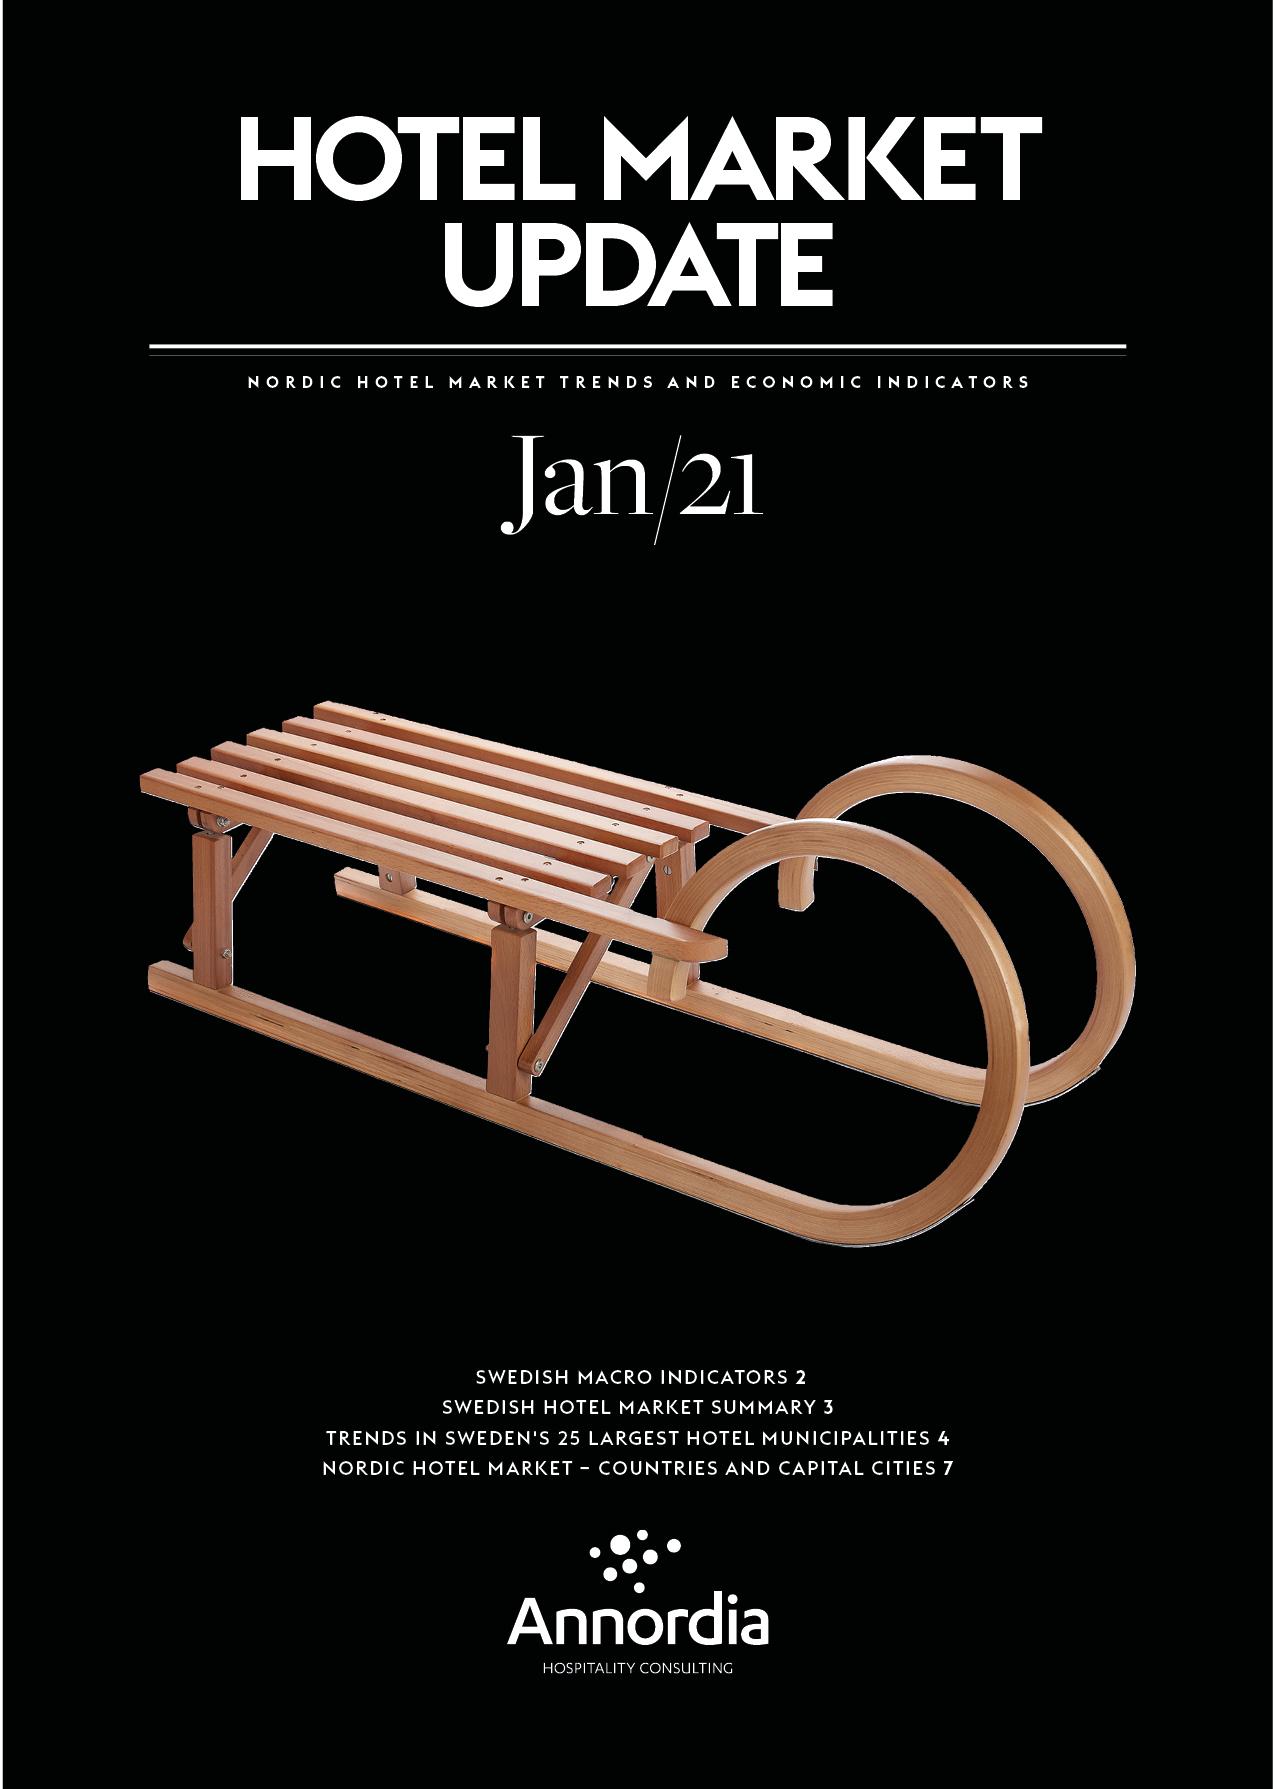 Hotel Market Update Annordia JANUARI 2021 p1